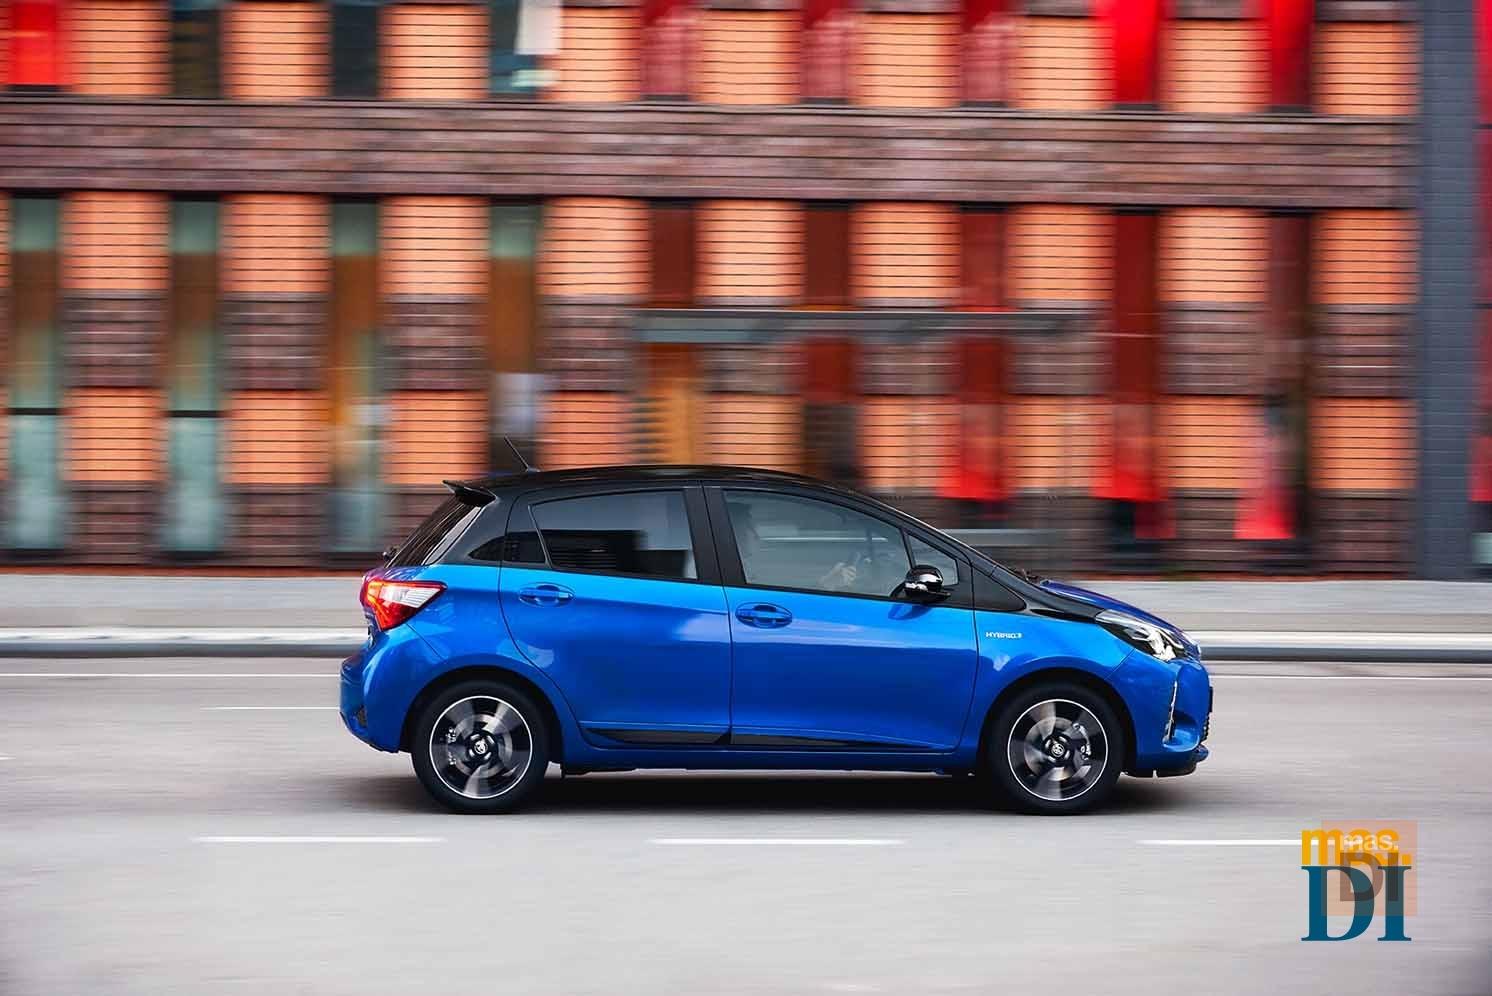 Toyota Yaris, la calidad se percibe al volante